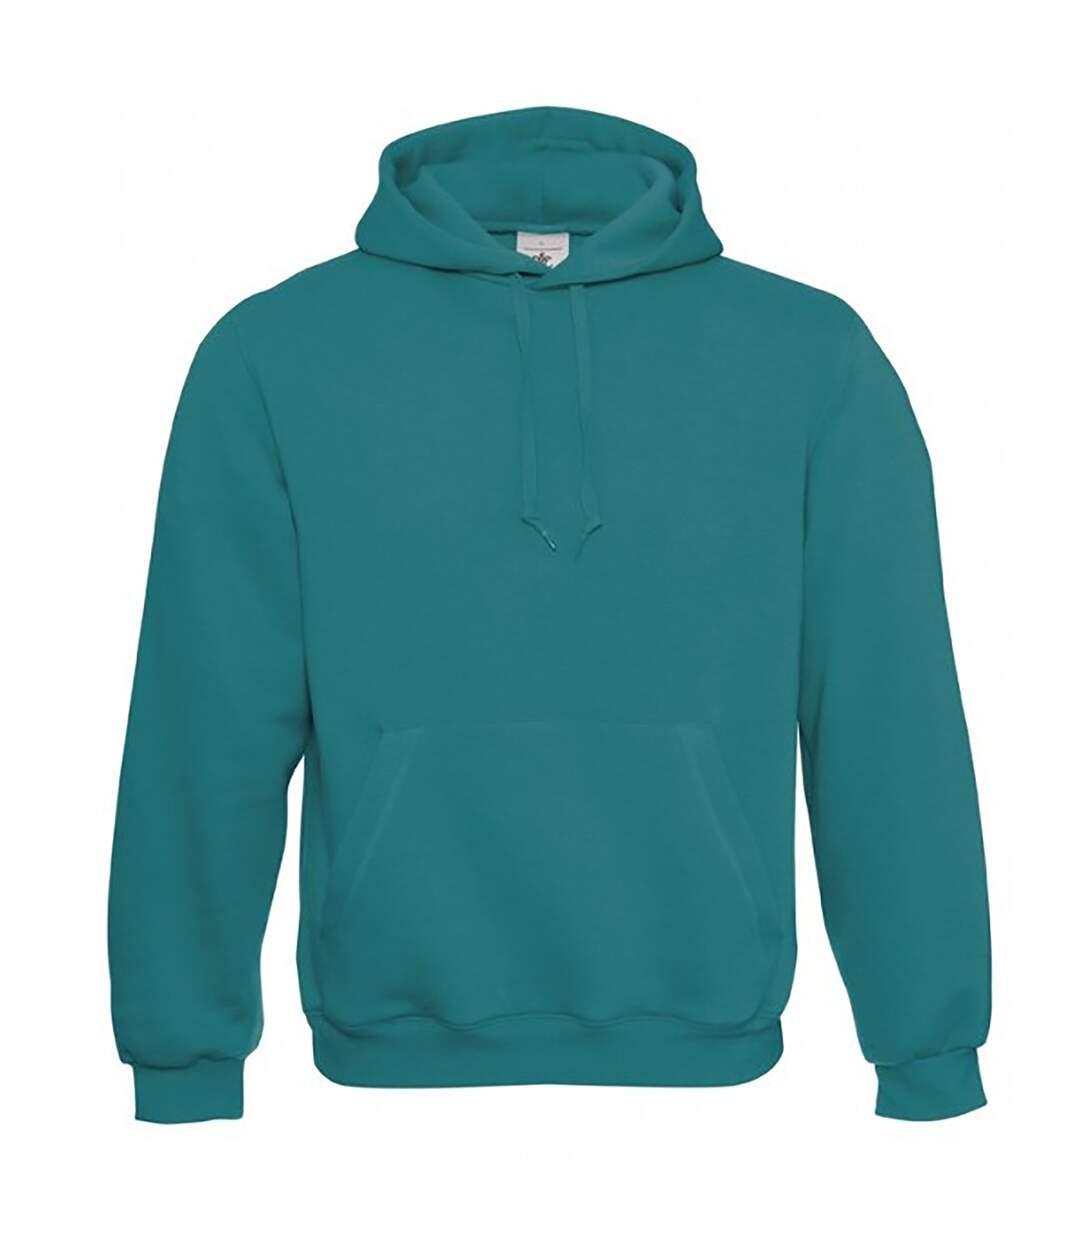 B&C Mens Hooded Sweatshirt / Hoodie (Urban Purple) - UTBC127